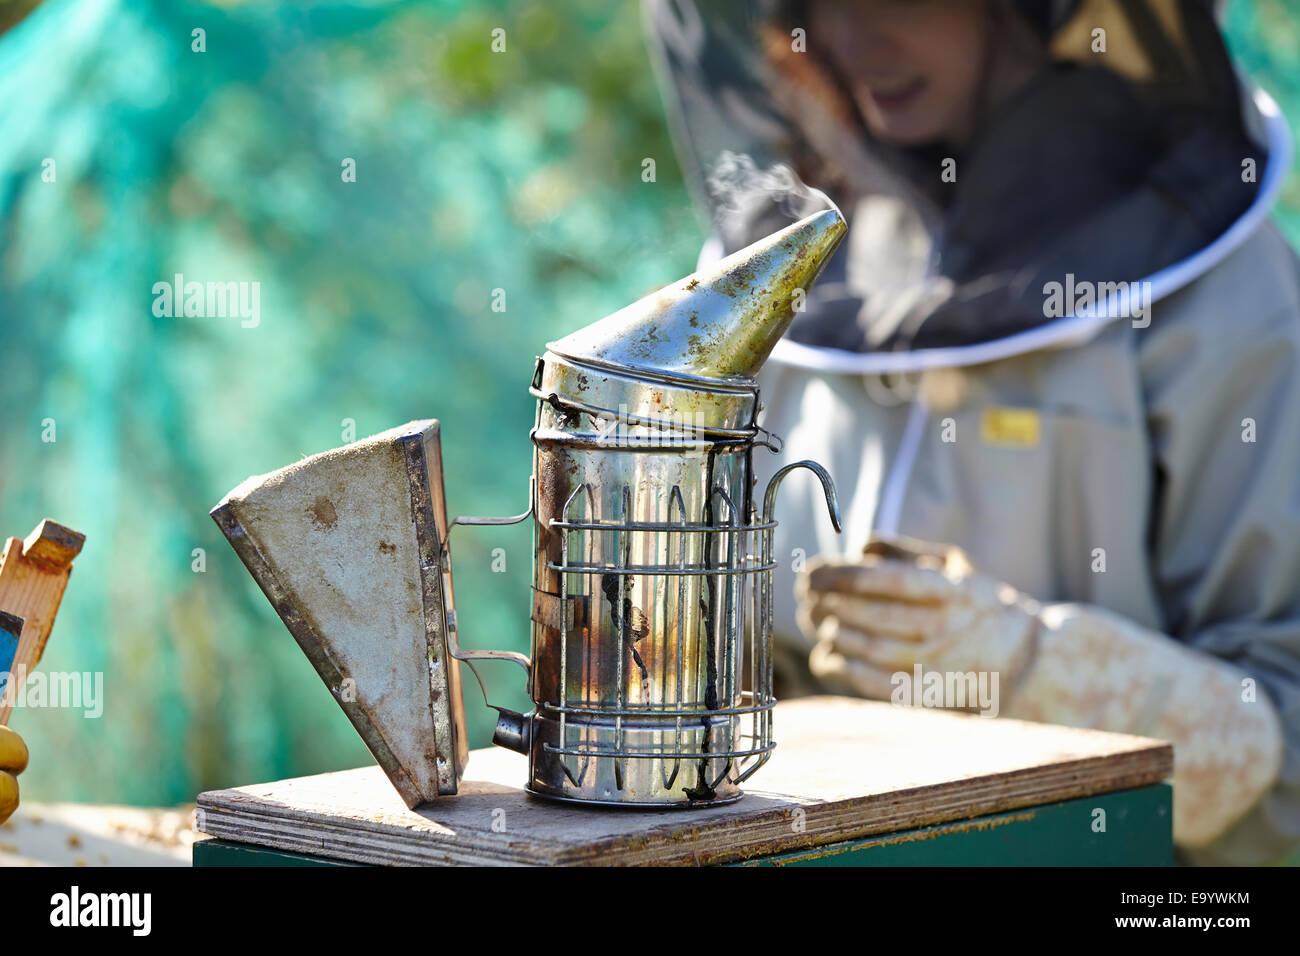 Weibliche Imker und Biene Raucher auf Stadt-Zuteilung Stockfoto